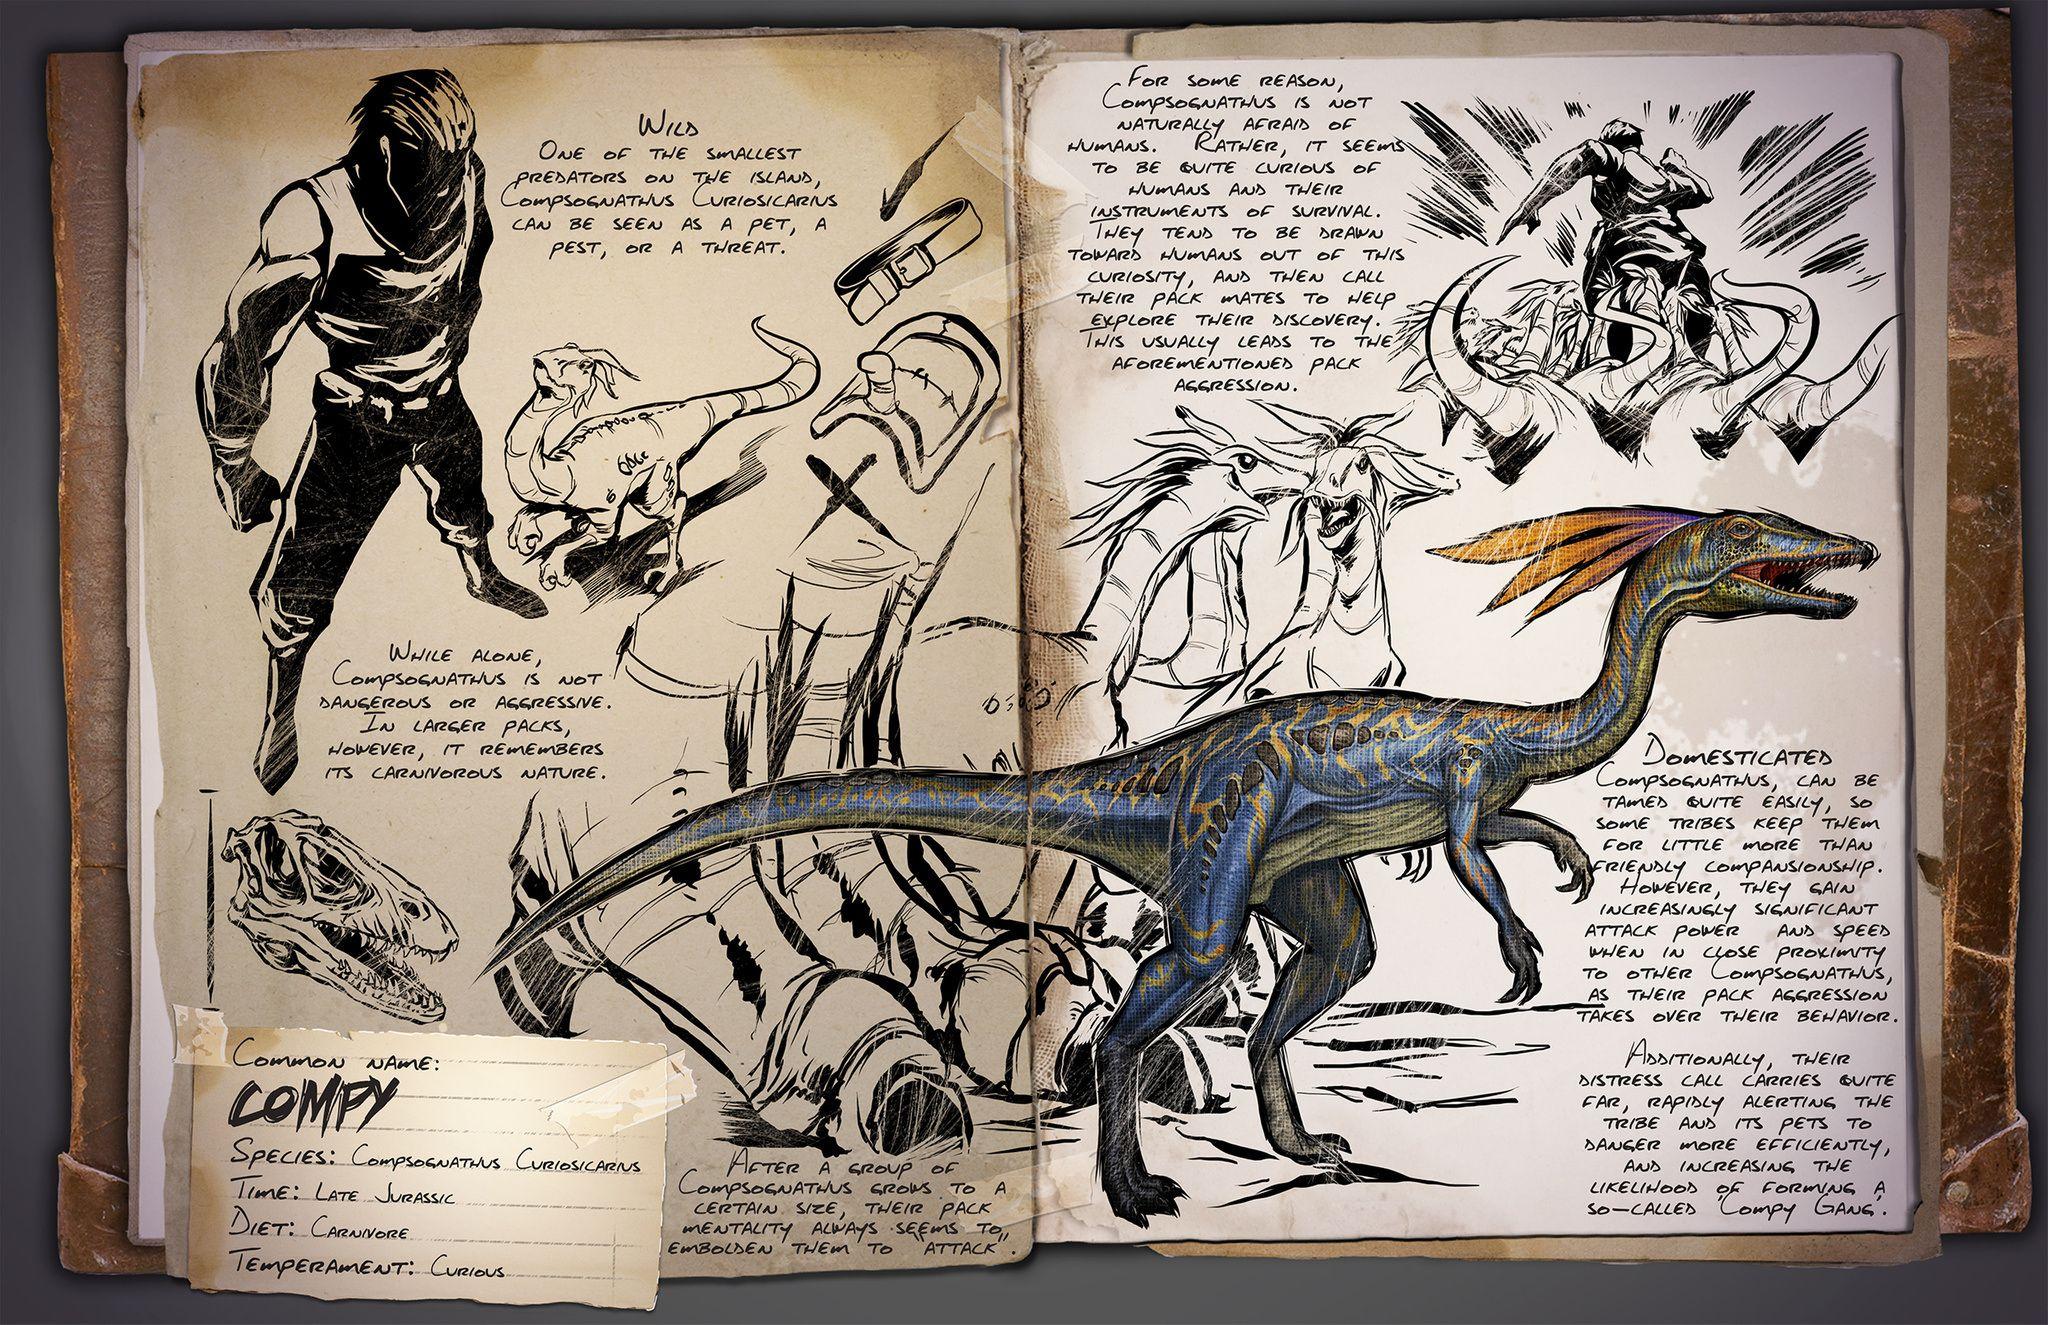 раздумываете, картинки досье динозавров из арк часто все сексом